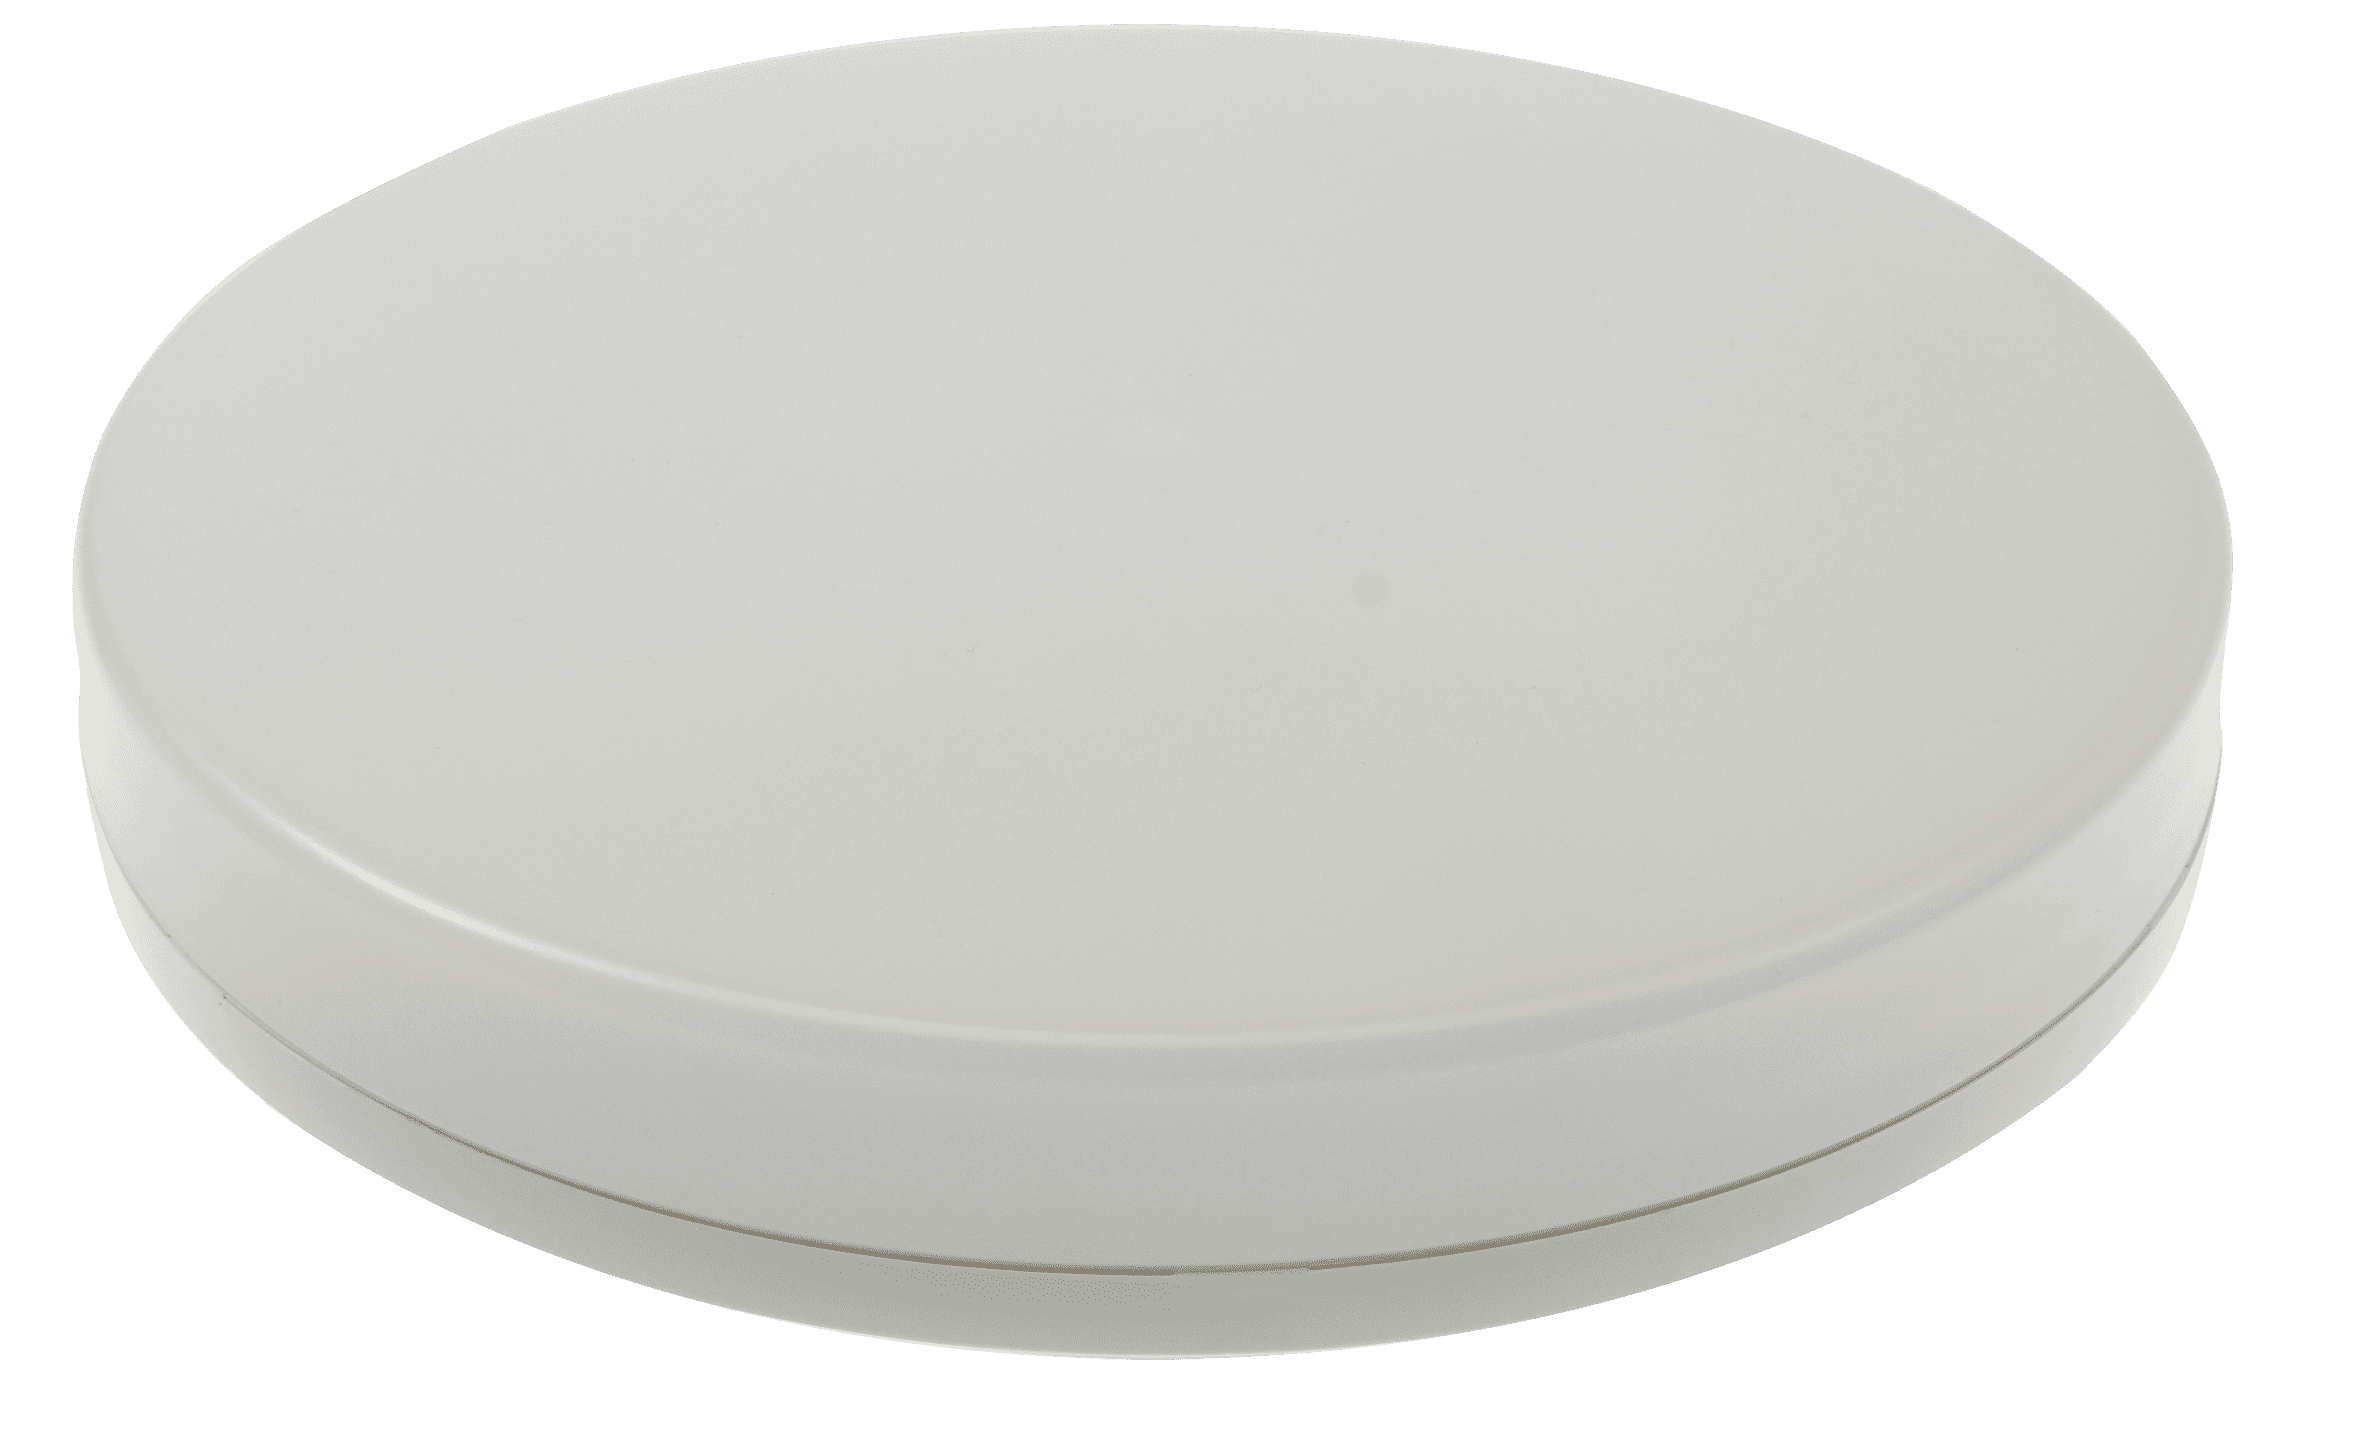 M-Light LED-Deckenleuchte  VALUNA rund IP44 15W 230V 3000K 1200lm 81-3170